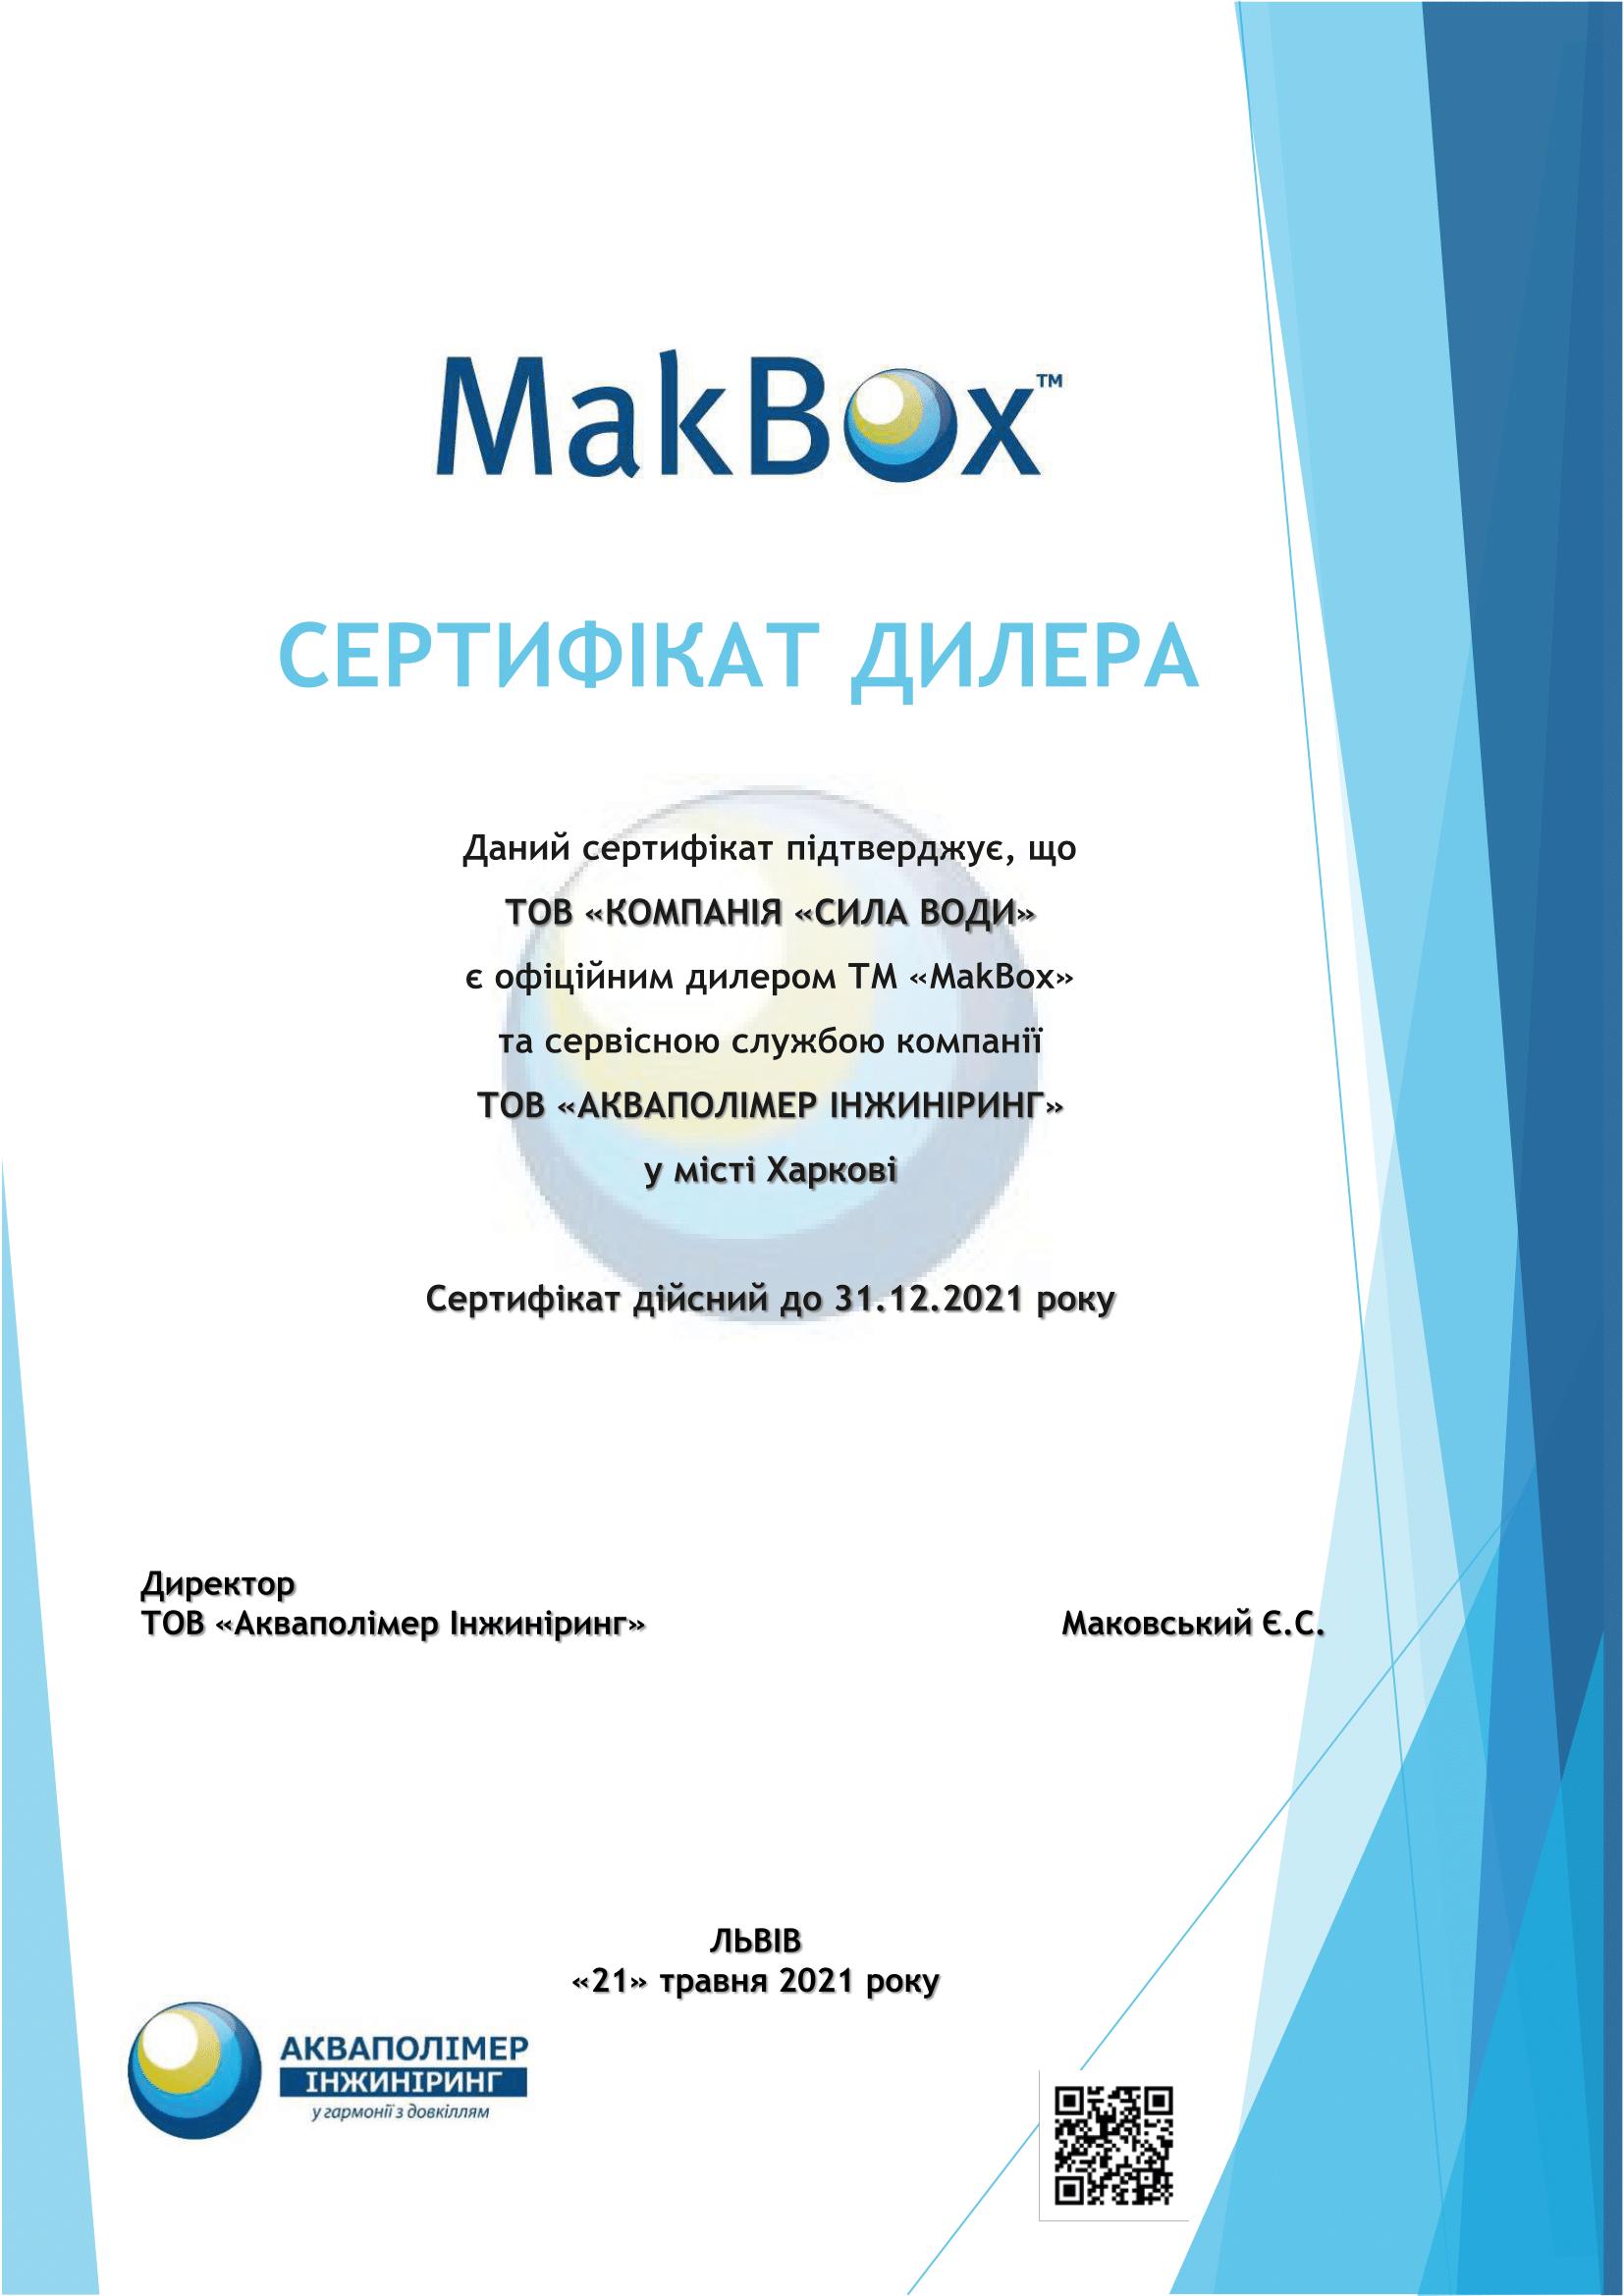 Сертификат дилера в Харькове